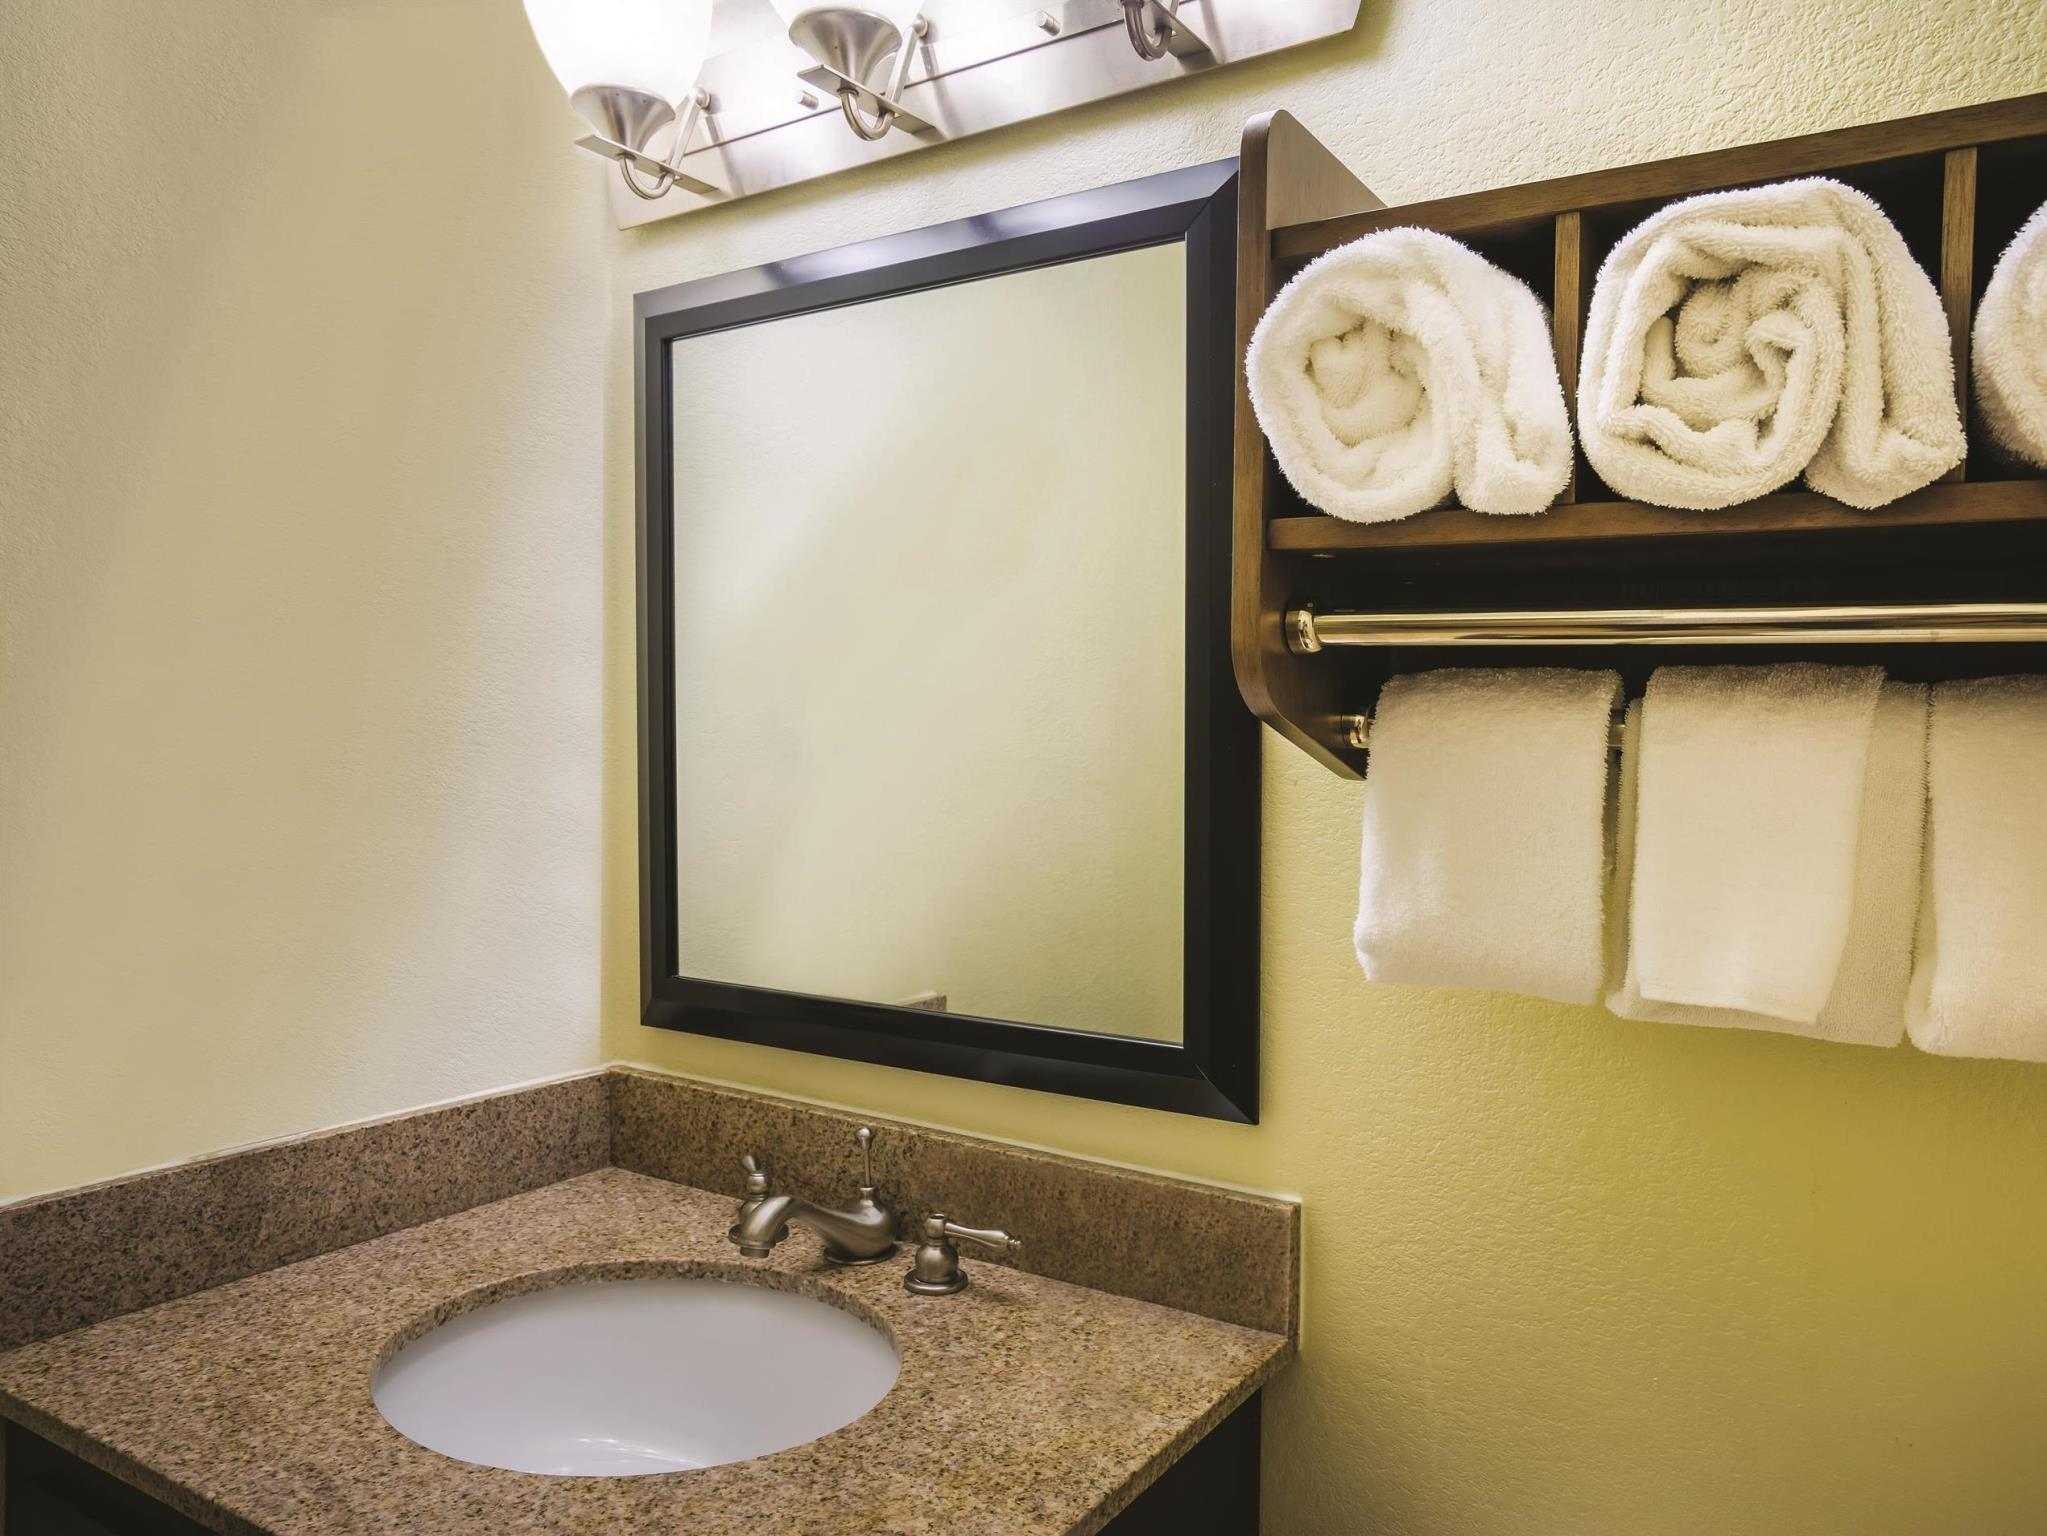 La Quinta Inn & Suites By Wyndham Baltimore S. Glen Burnie